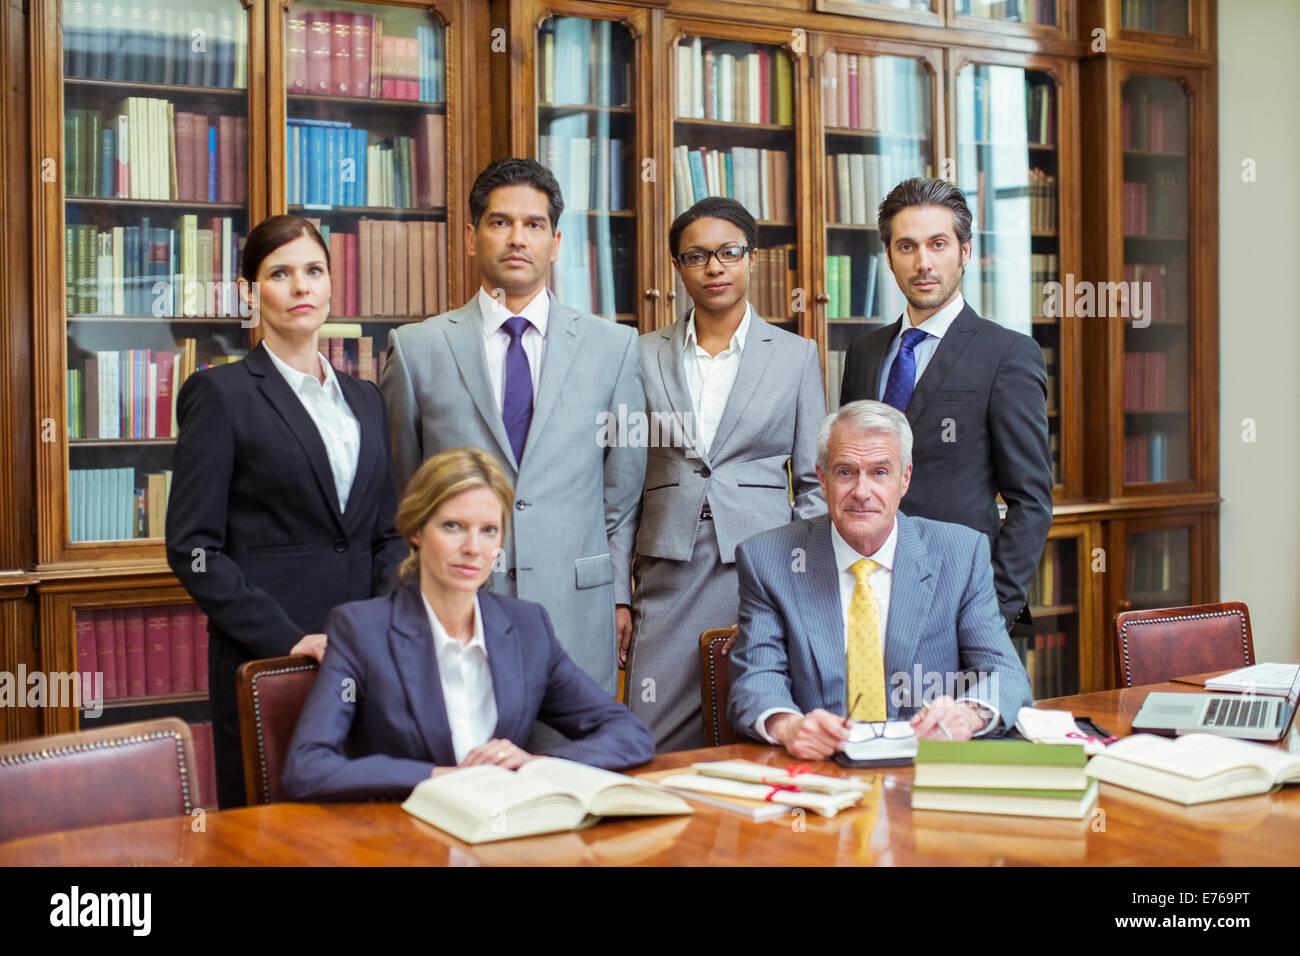 Gli avvocati insieme nelle camere Immagini Stock